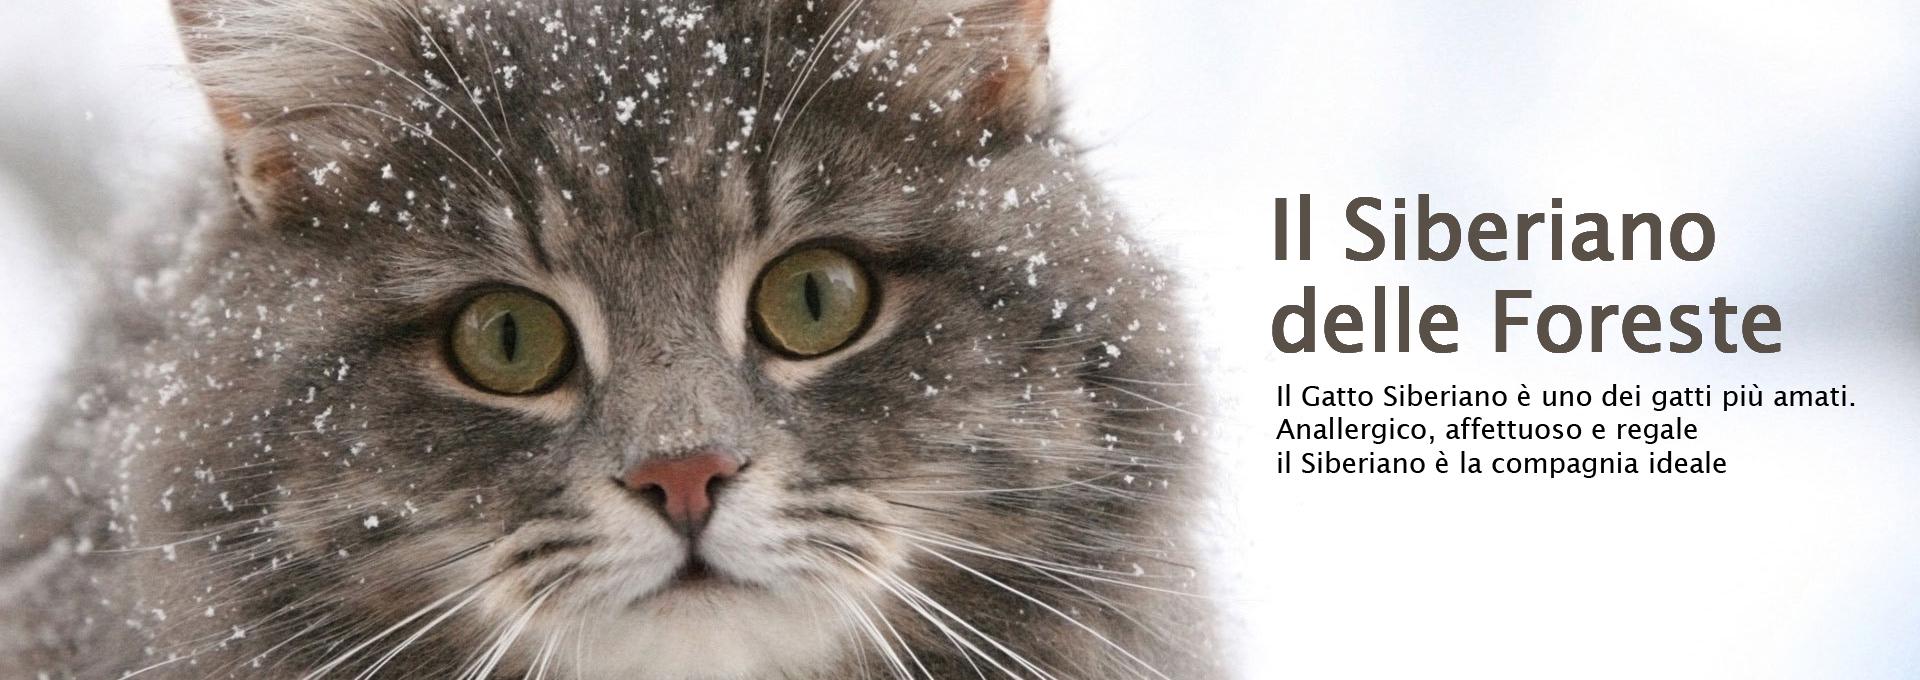 Il Gatto Siberiano Tutto Ciò Che Ti Serve Sapere Sul Siberiano